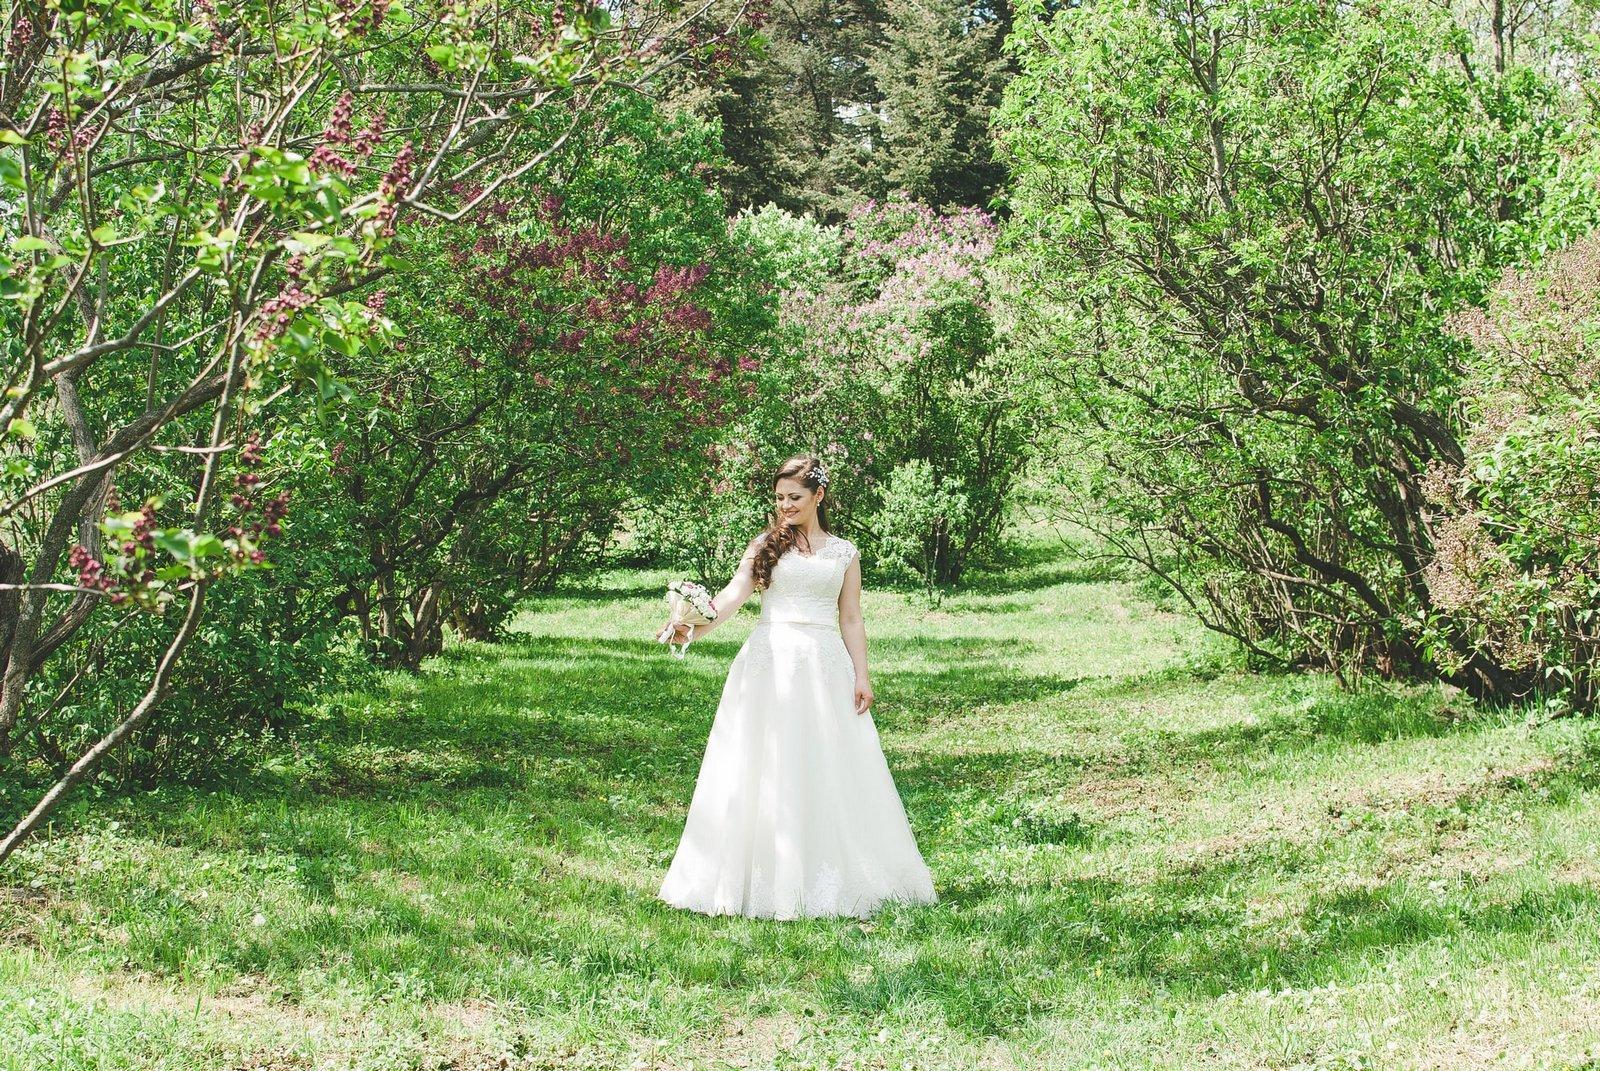 Невеста разглядывает букет в ботсаду - фотограф Женя Лайт